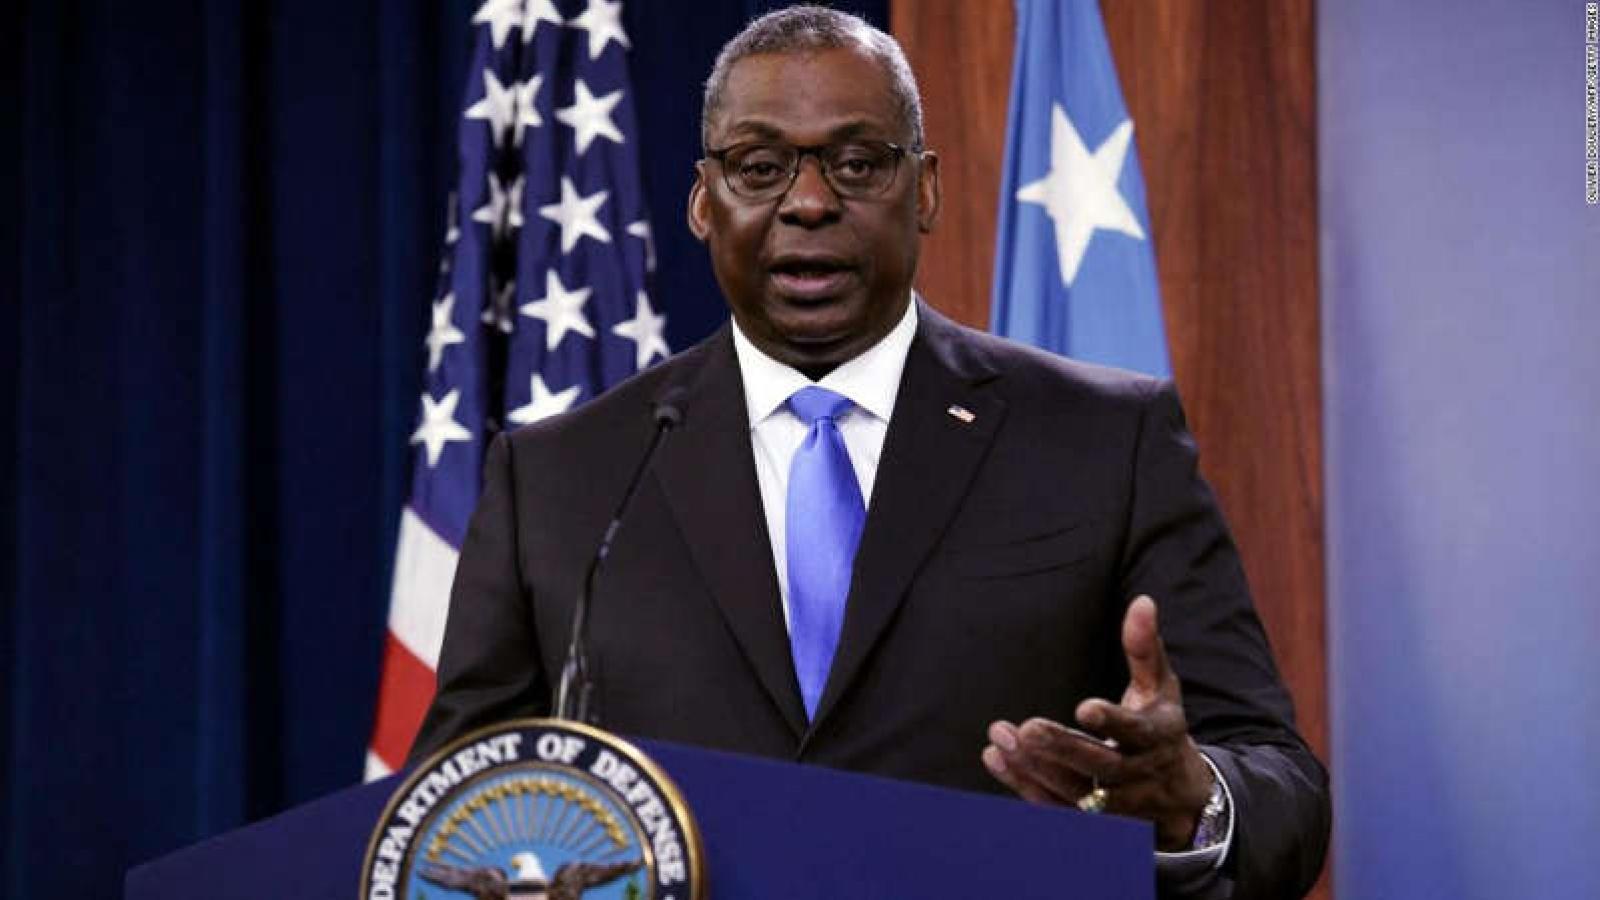 Bộ trưởng Mỹ Austin: Yêu sách của Trung Quốc ở Biển Đông không có cơ sở luật pháp quốc tế